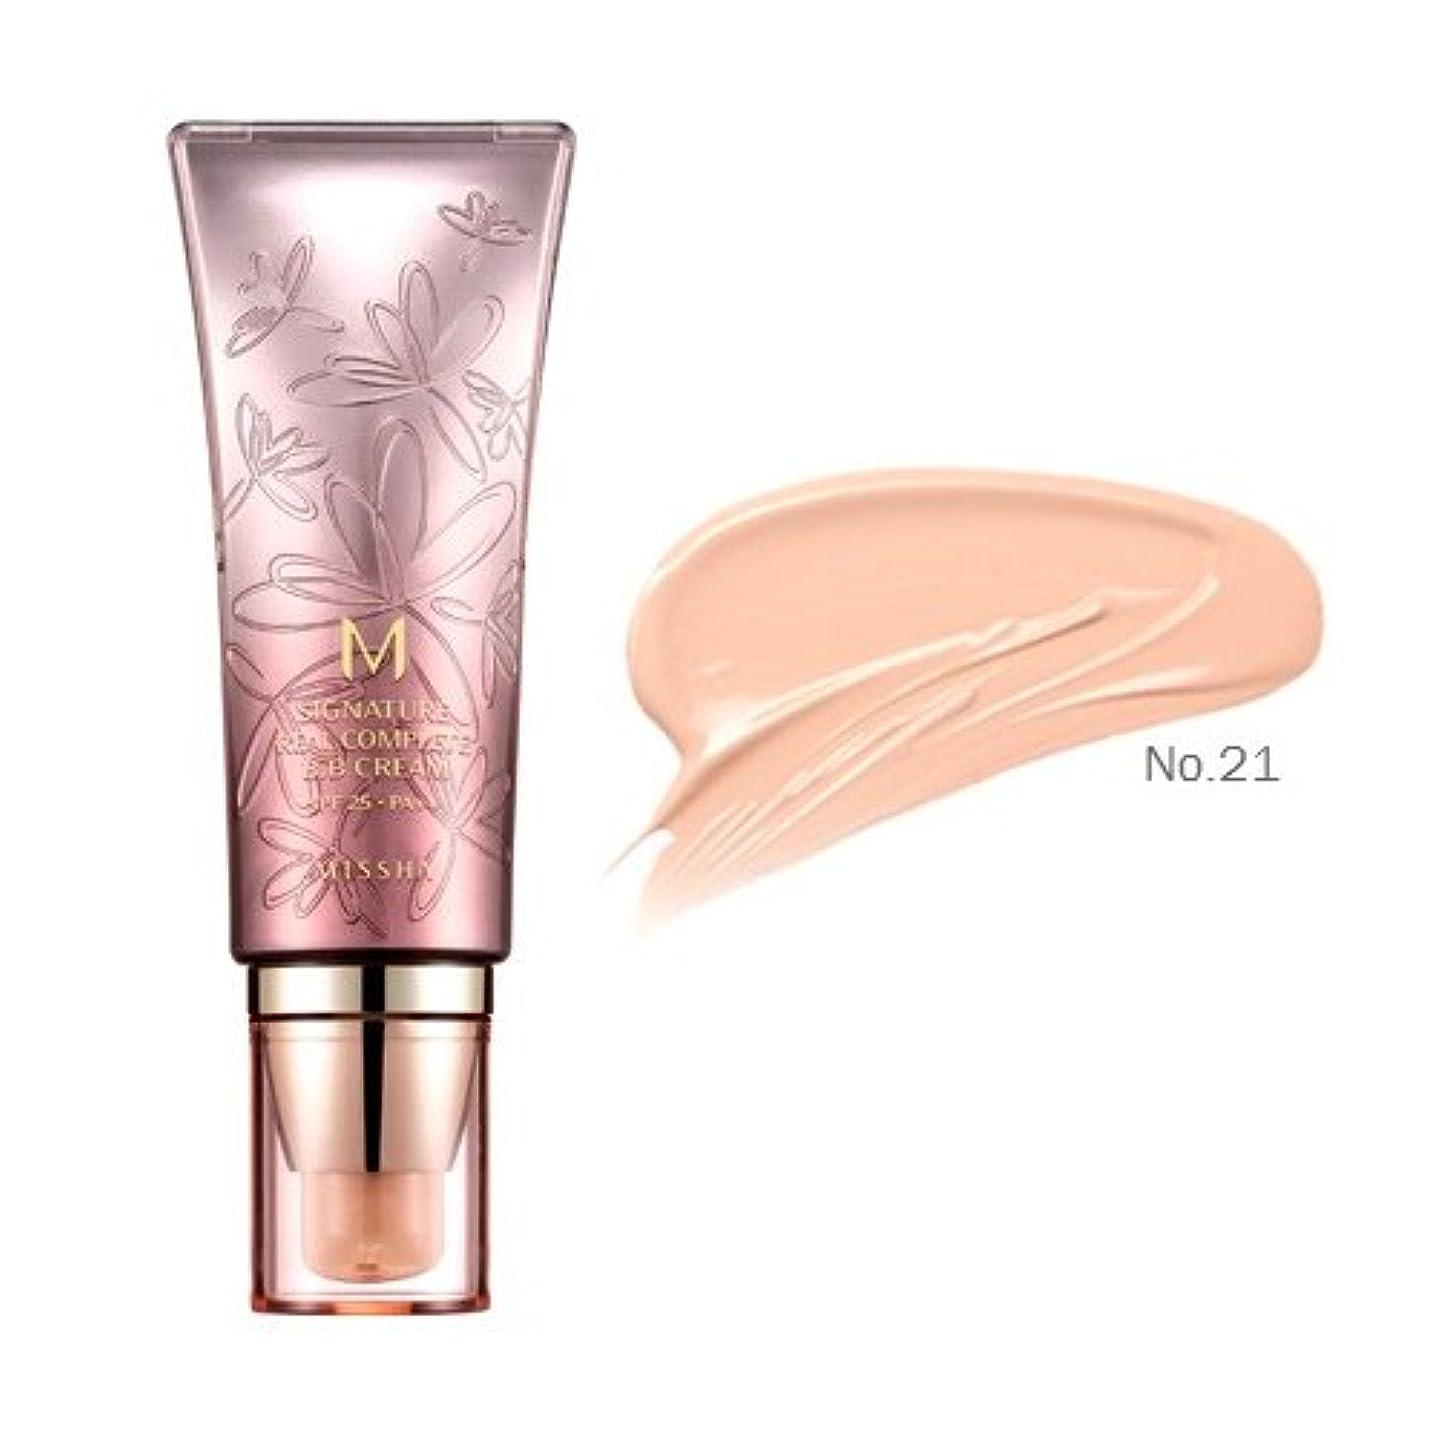 極めて幻影フランクワースリー(3 Pack) MISSHA M Signature Real Complete B.B Cream SPF 25 PA++ No. 21 Light Pink Beige (並行輸入品)